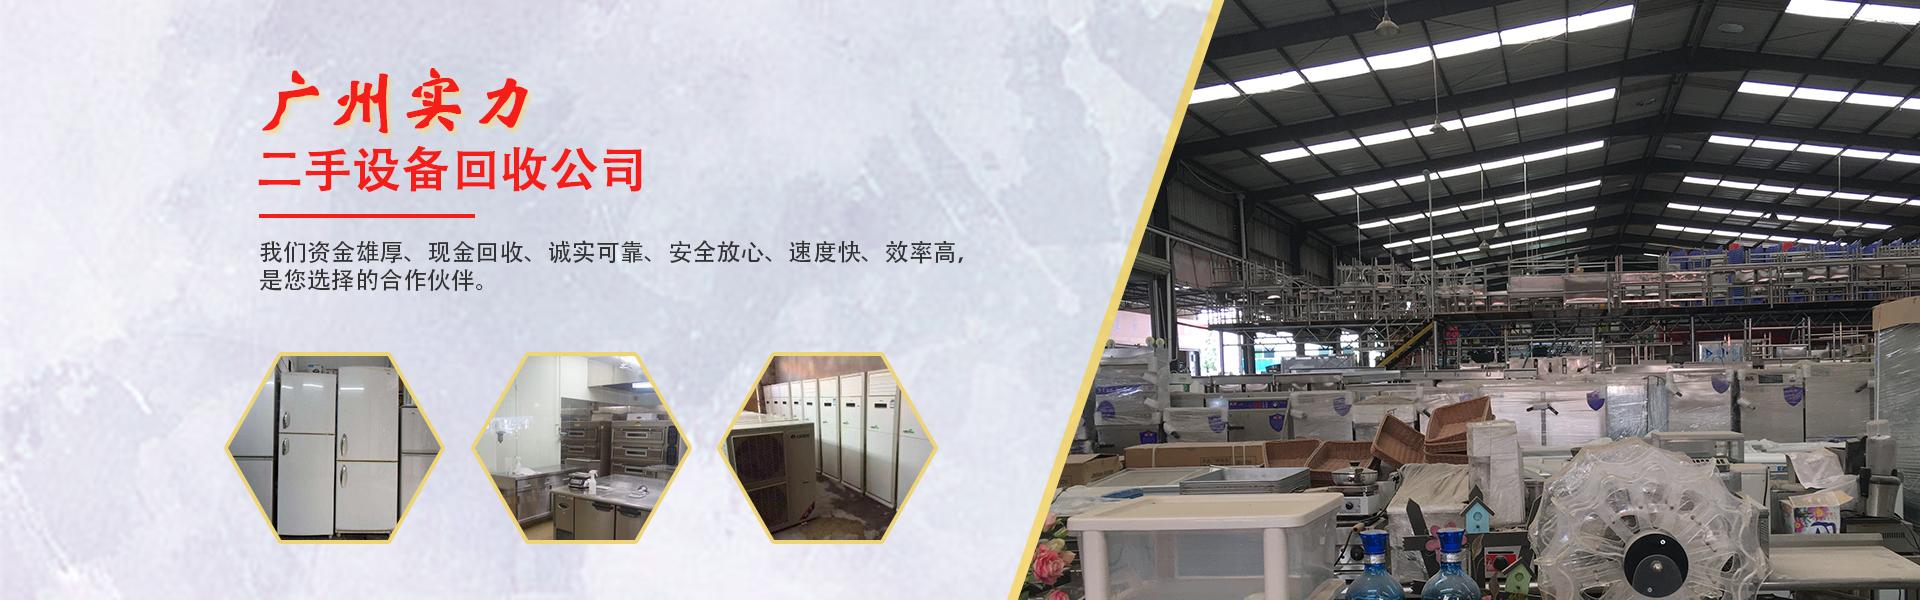 广州二手厨具回收|广州二手空调回收|广州厨具回收